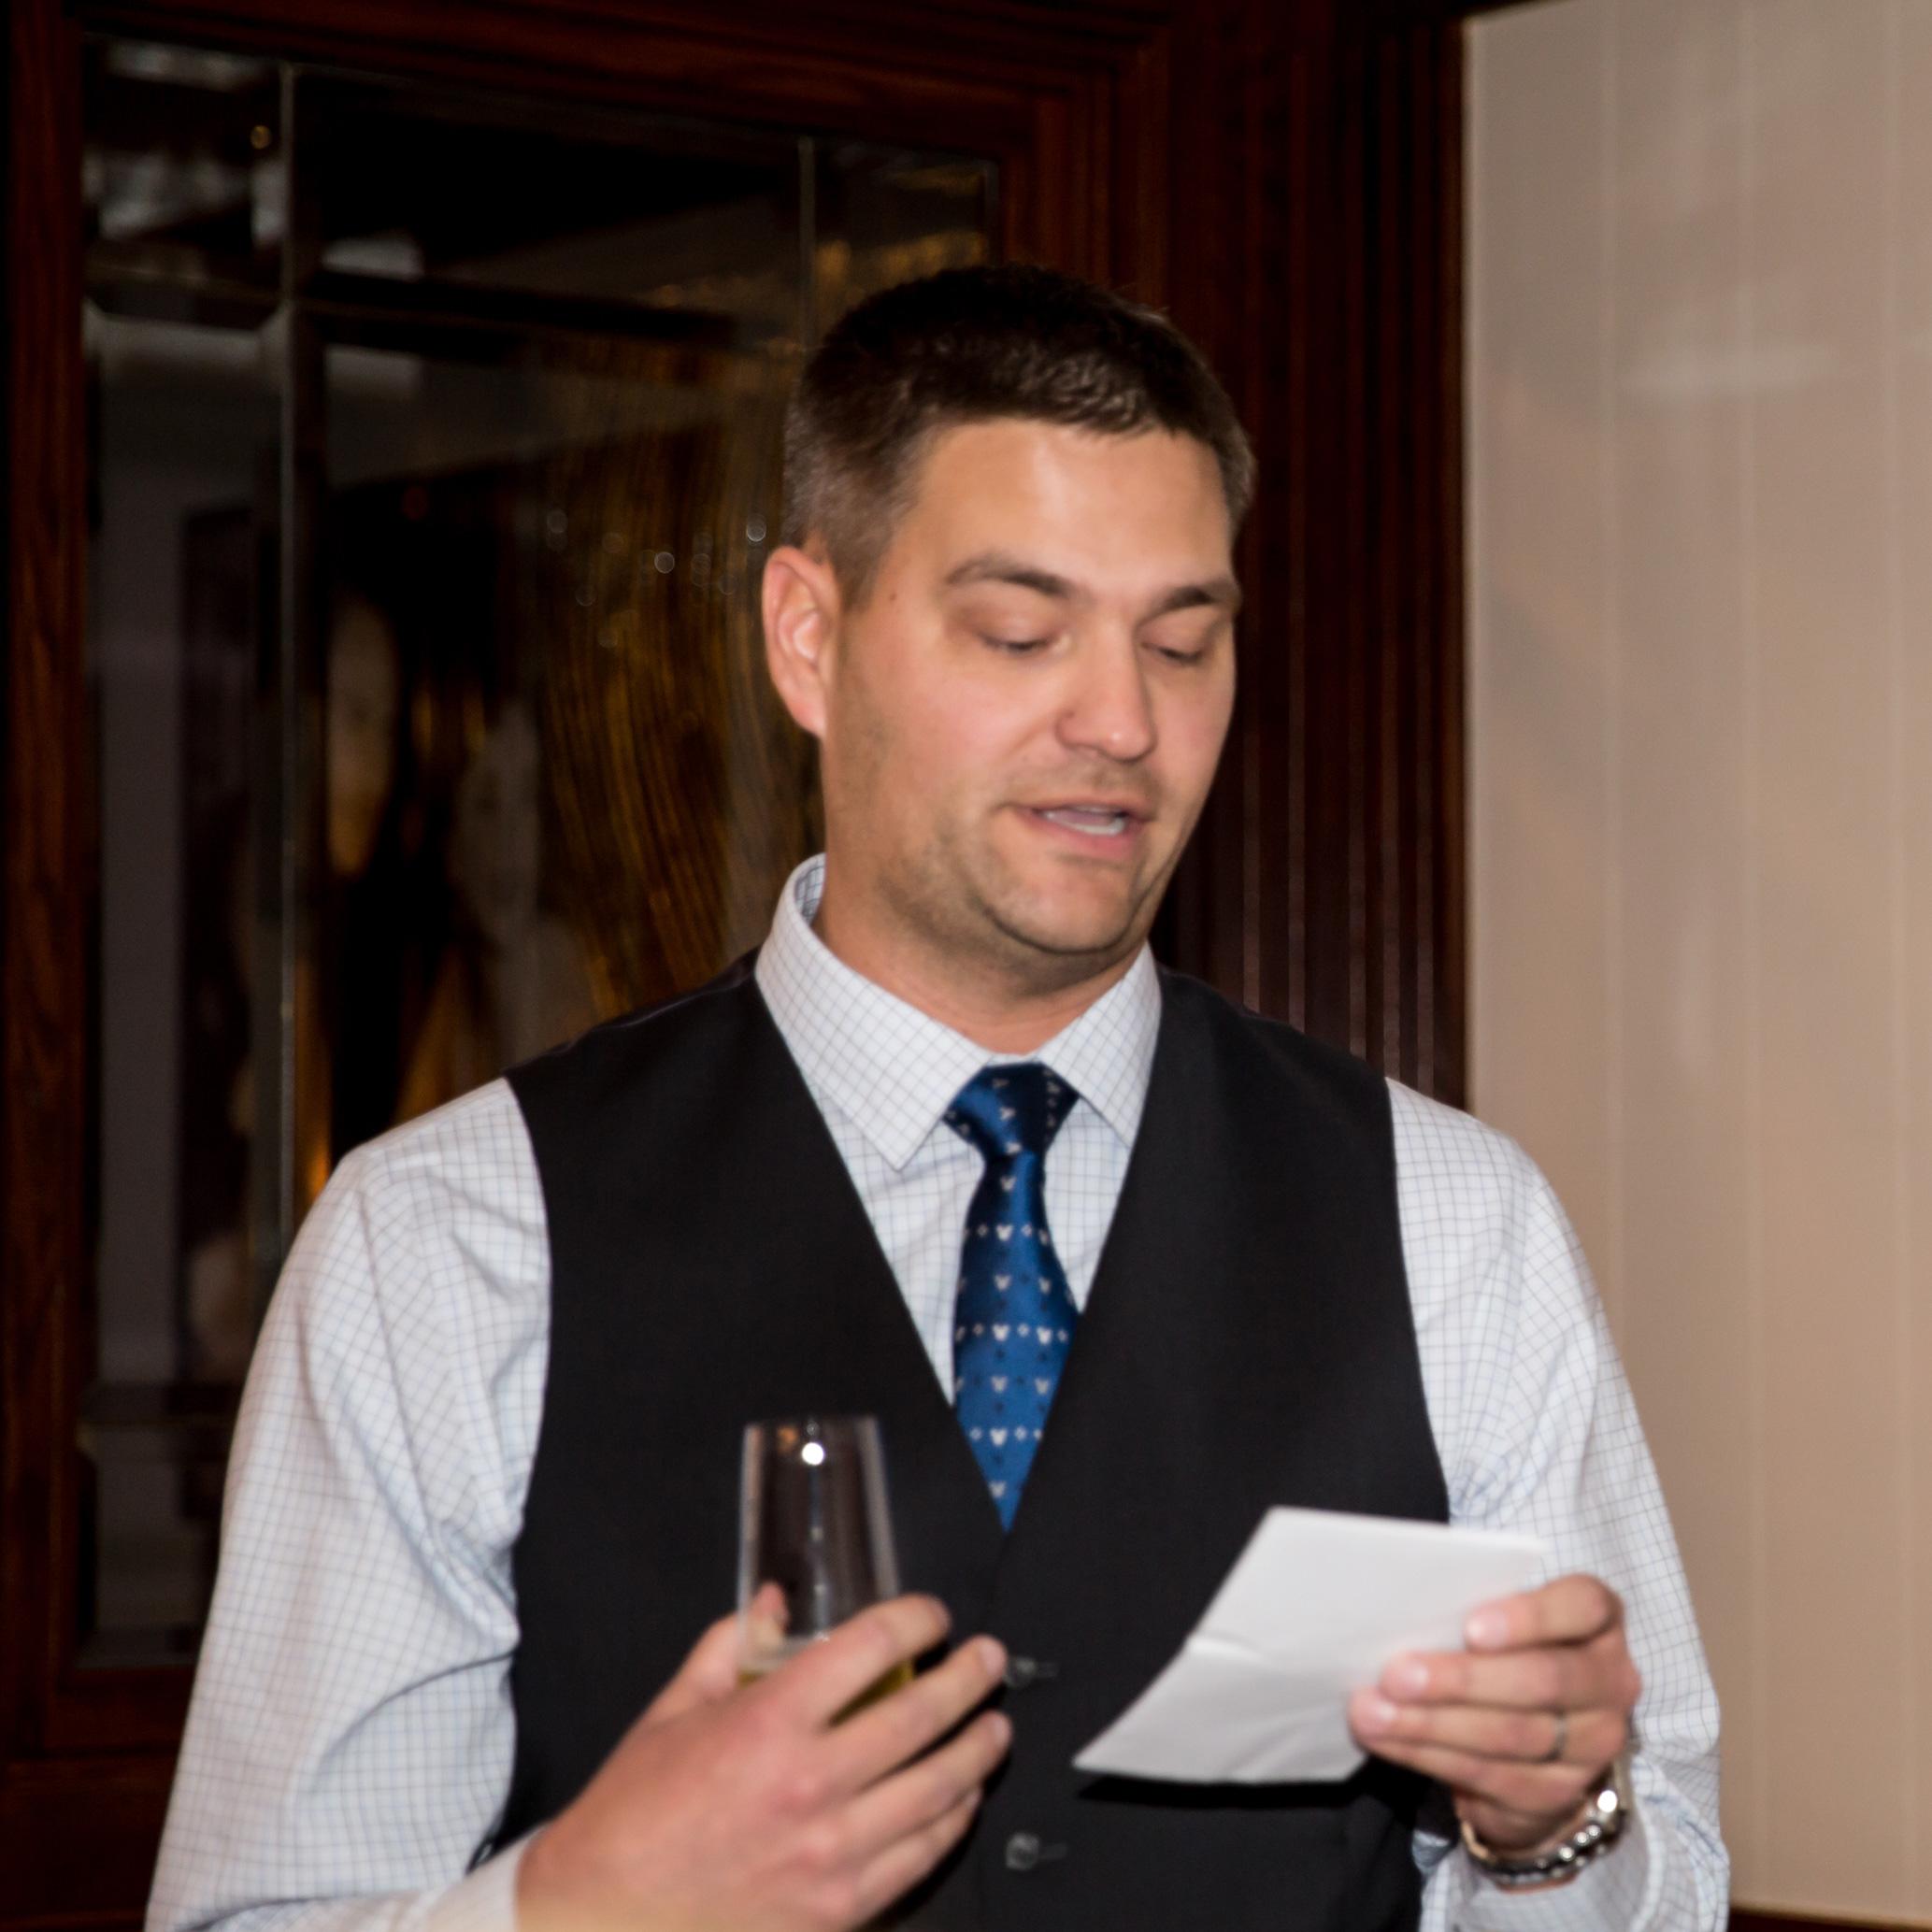 Andrew reading his poem.